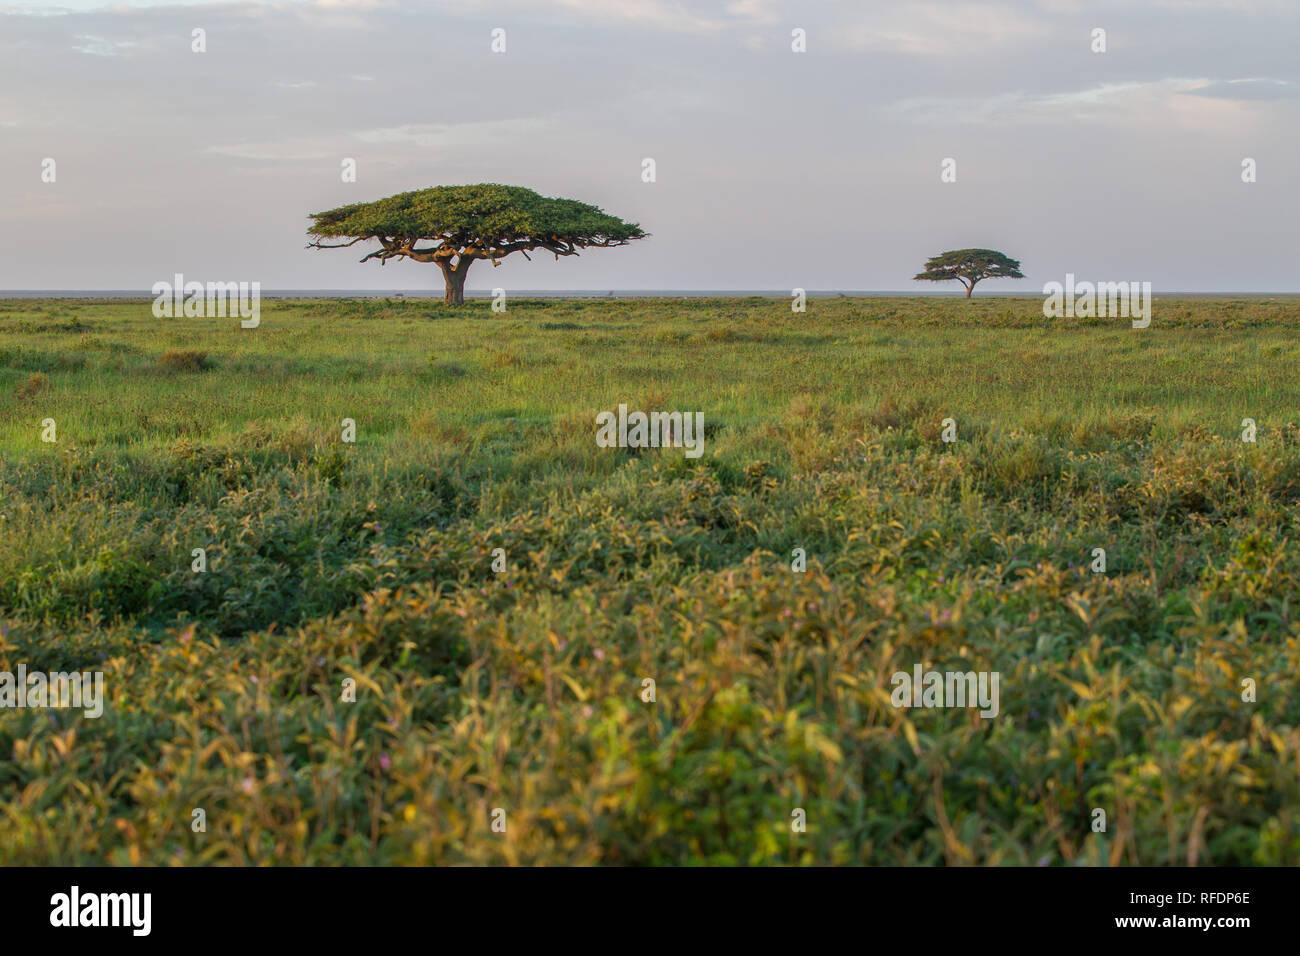 Las llanuras de hierba corta del Parque Nacional del Serengeti, la región  de Ndutu, y el cráter del Ngorongoro Conservation Area, Tanzania dibujar la  gran migración Fotografía de stock - Alamy